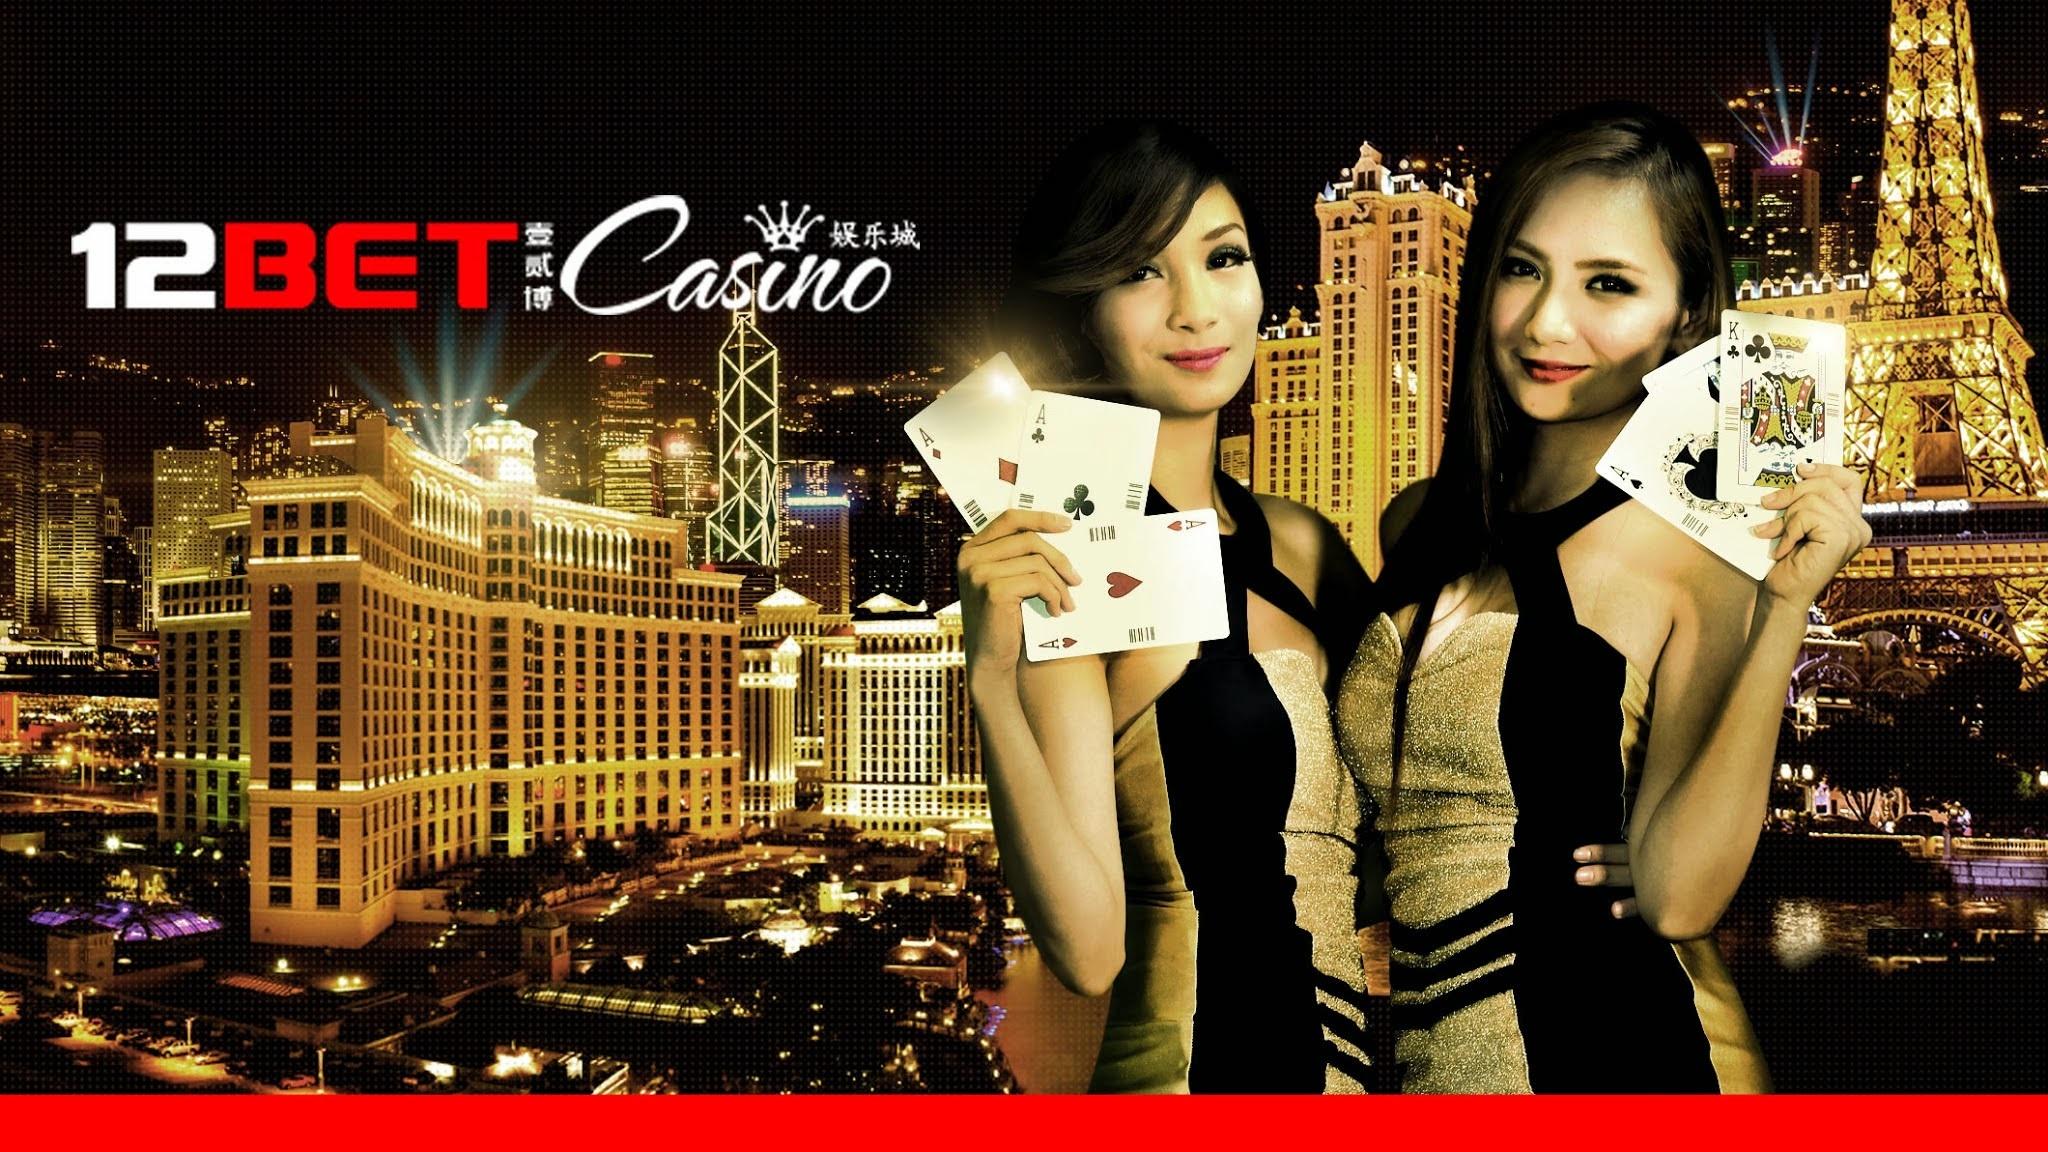 KeyToCasino Updates: 12Bet Casino